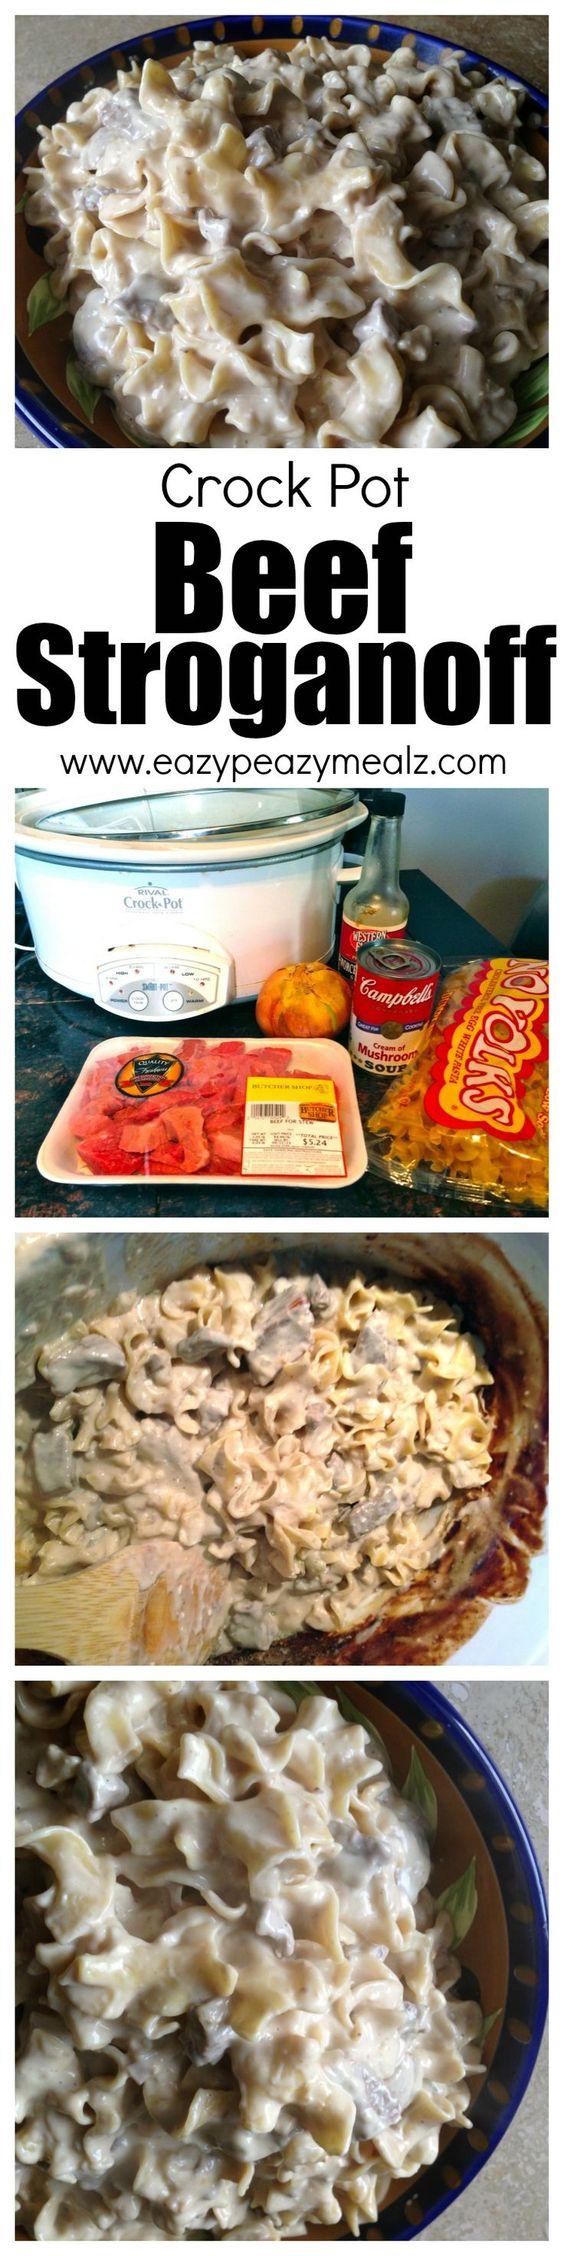 recipe crock pot beef stroganoff recipes slow cooker slow cooker beef ...